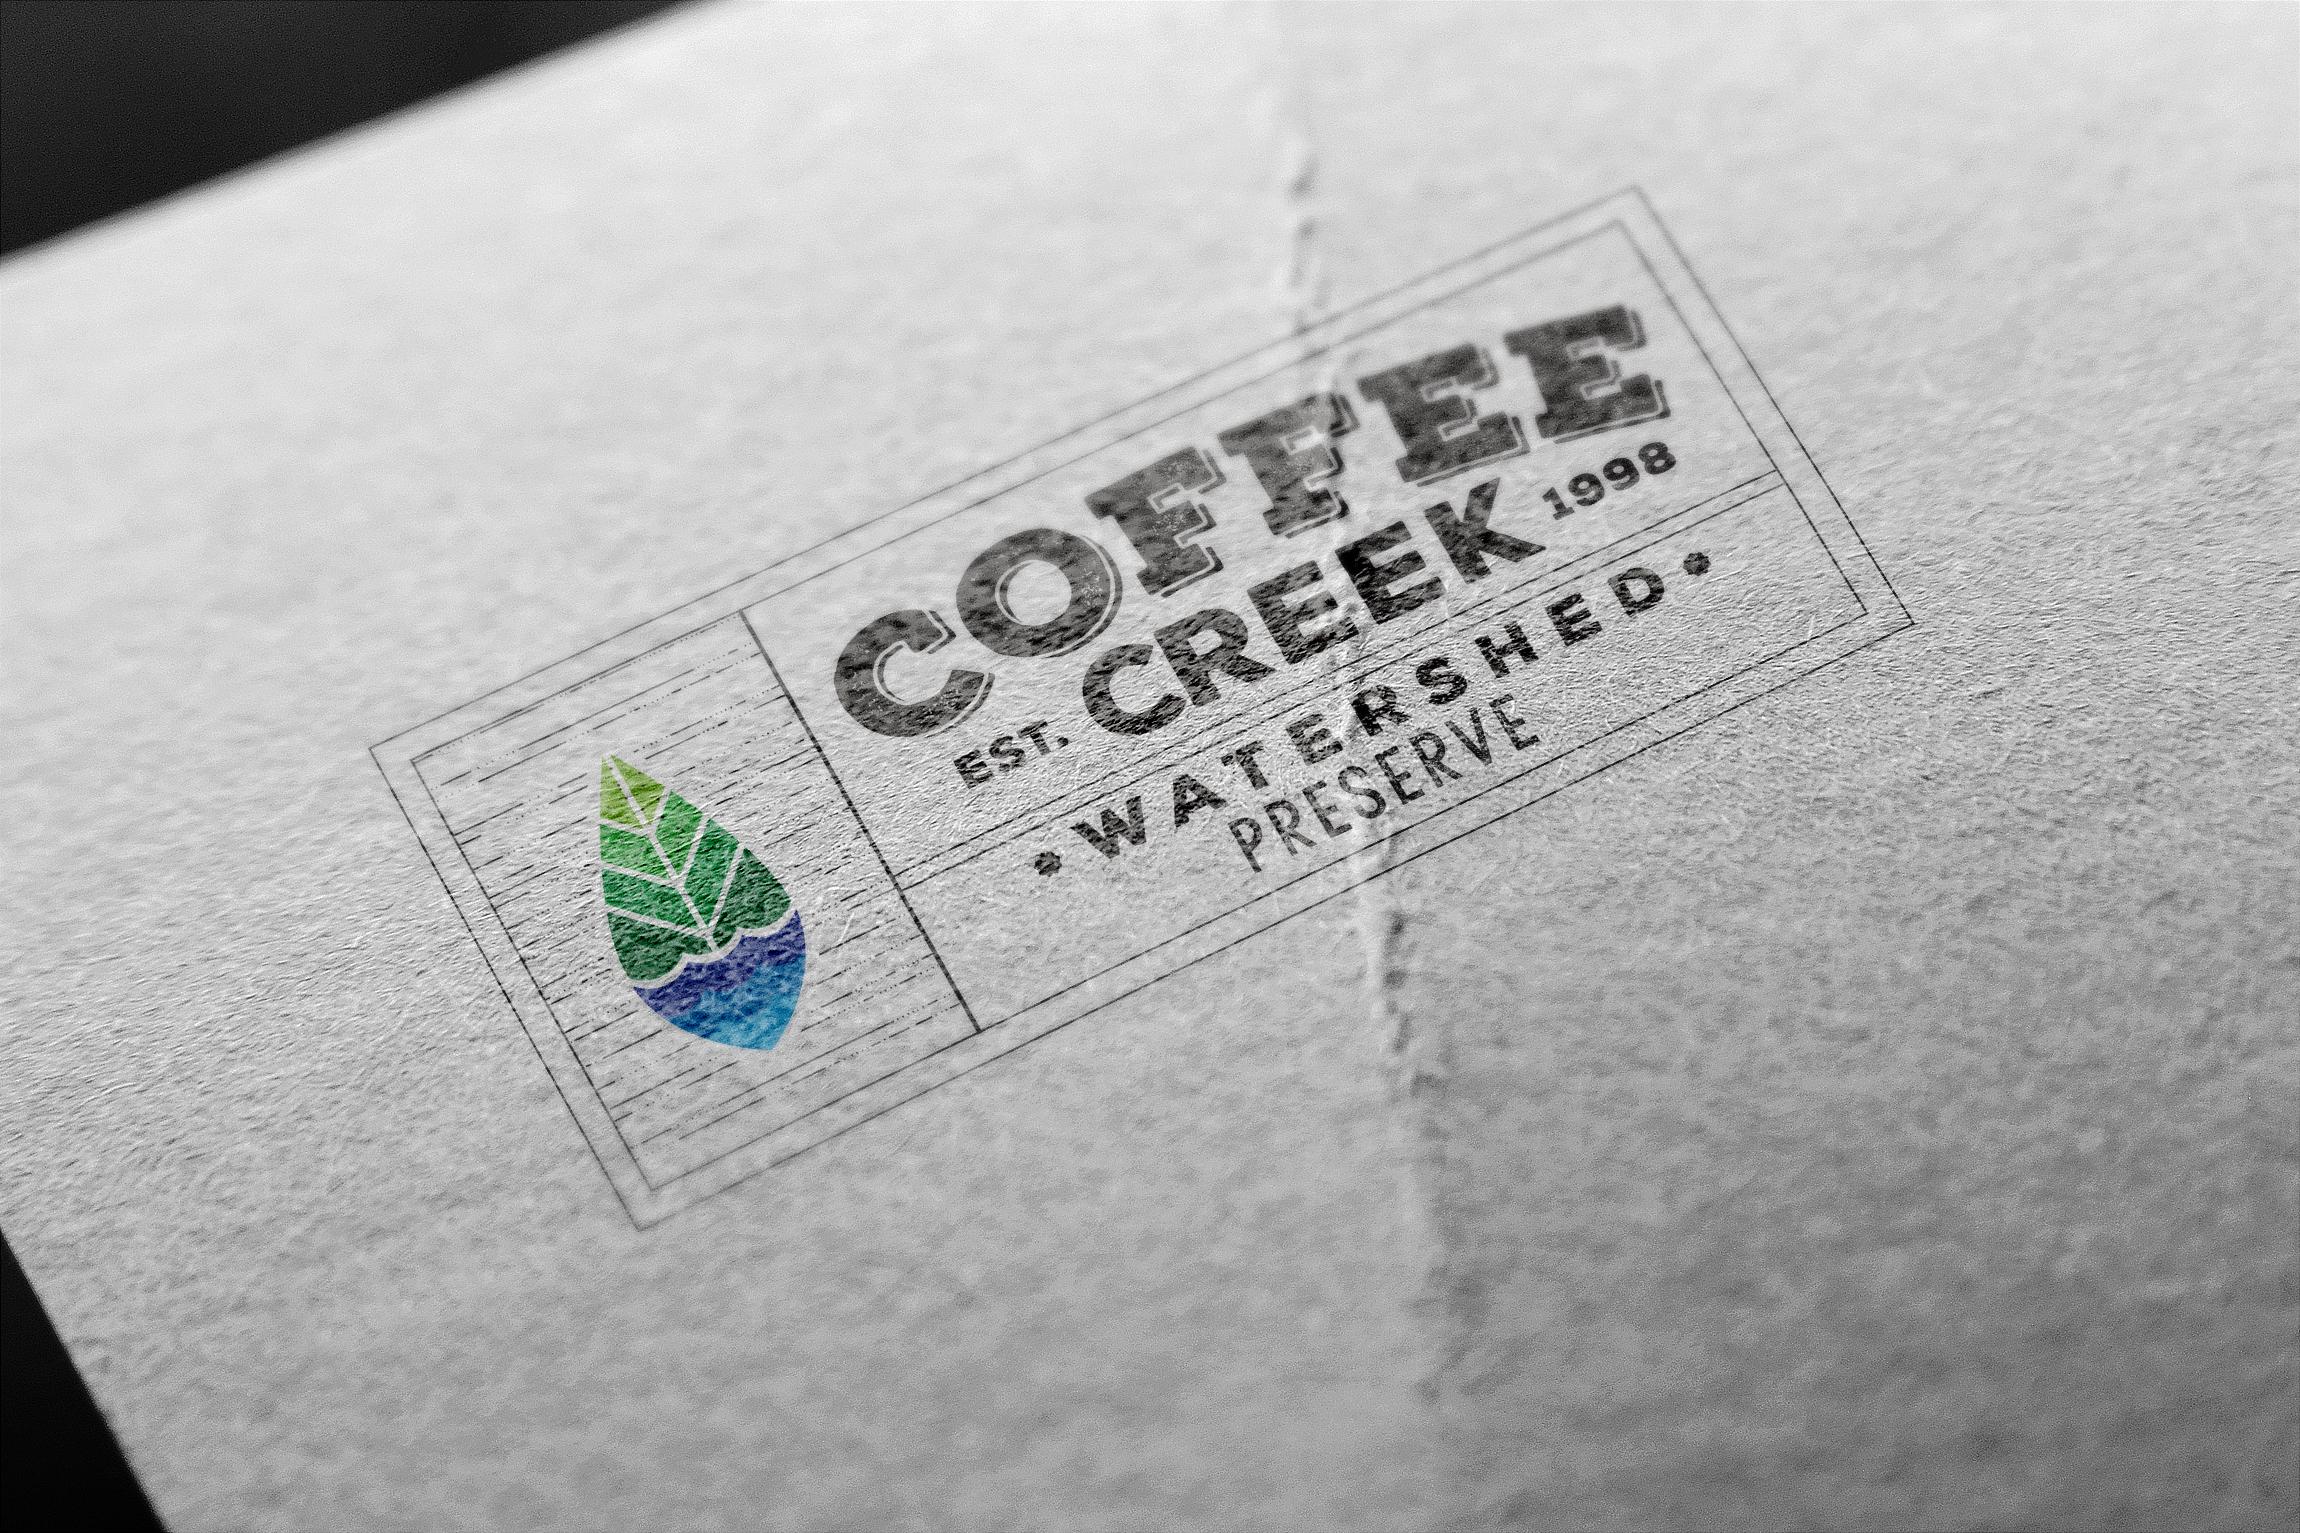 coffeecreek-logo.jpg